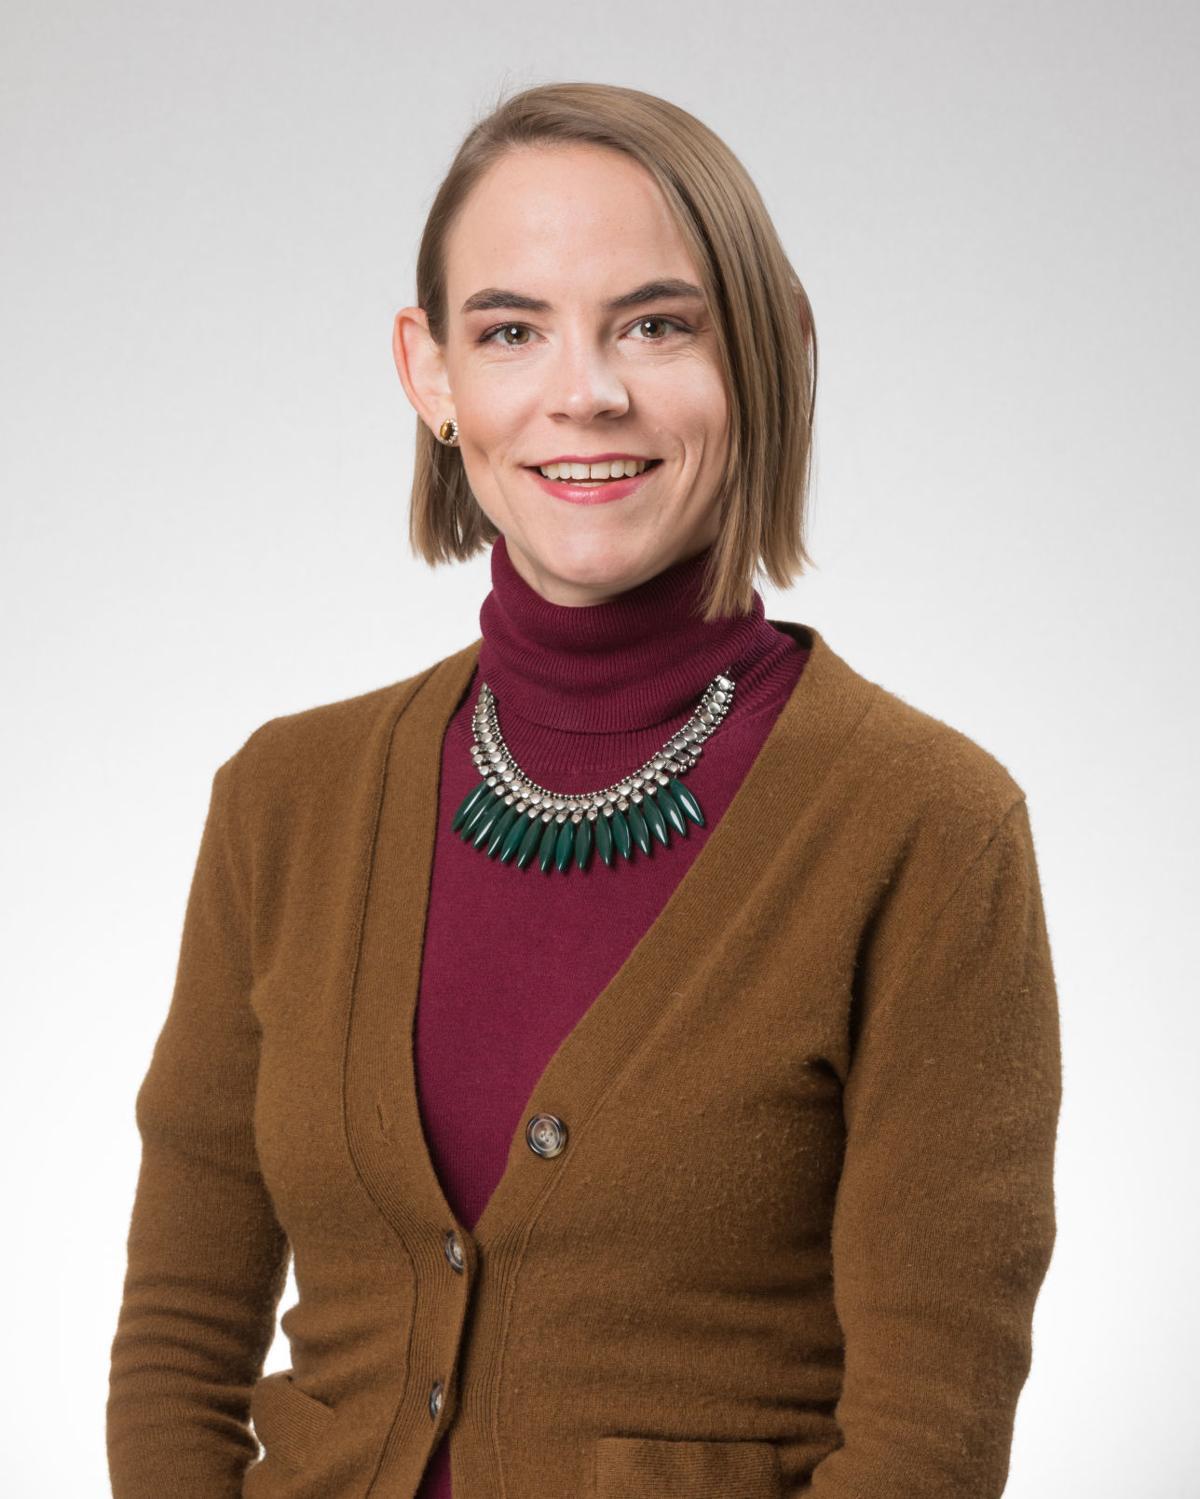 Rep. Emma Kerr-Carpenter